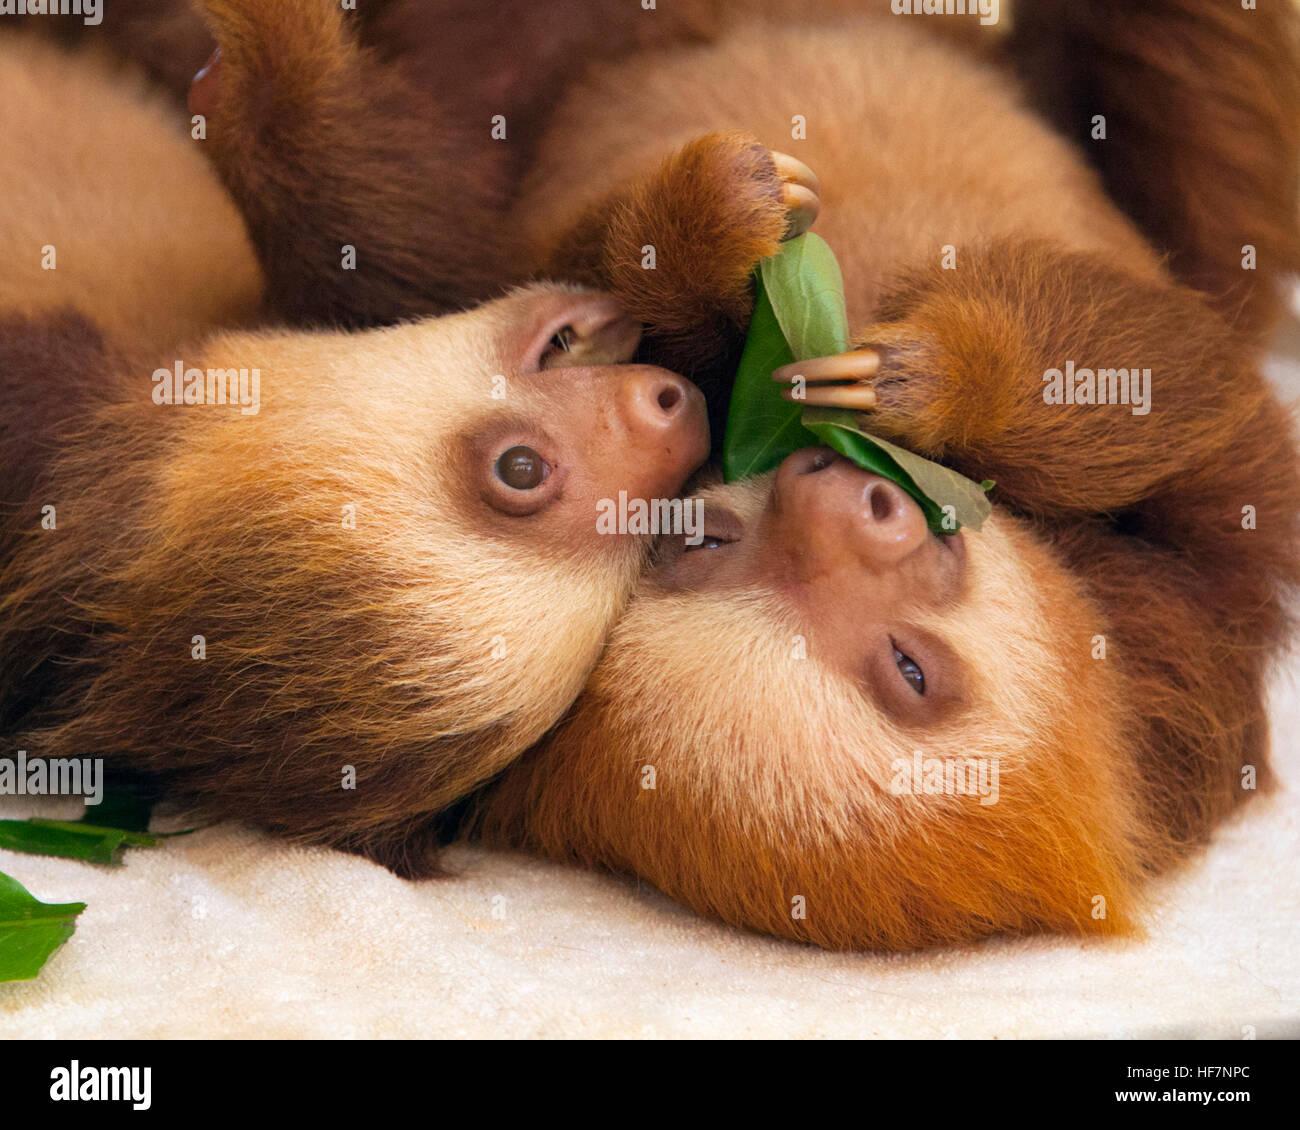 Hoffmann orphelins bébé deux doigts paresseux (Choloepus hoffmanni) se nourrissent de feuilles à Photo Stock